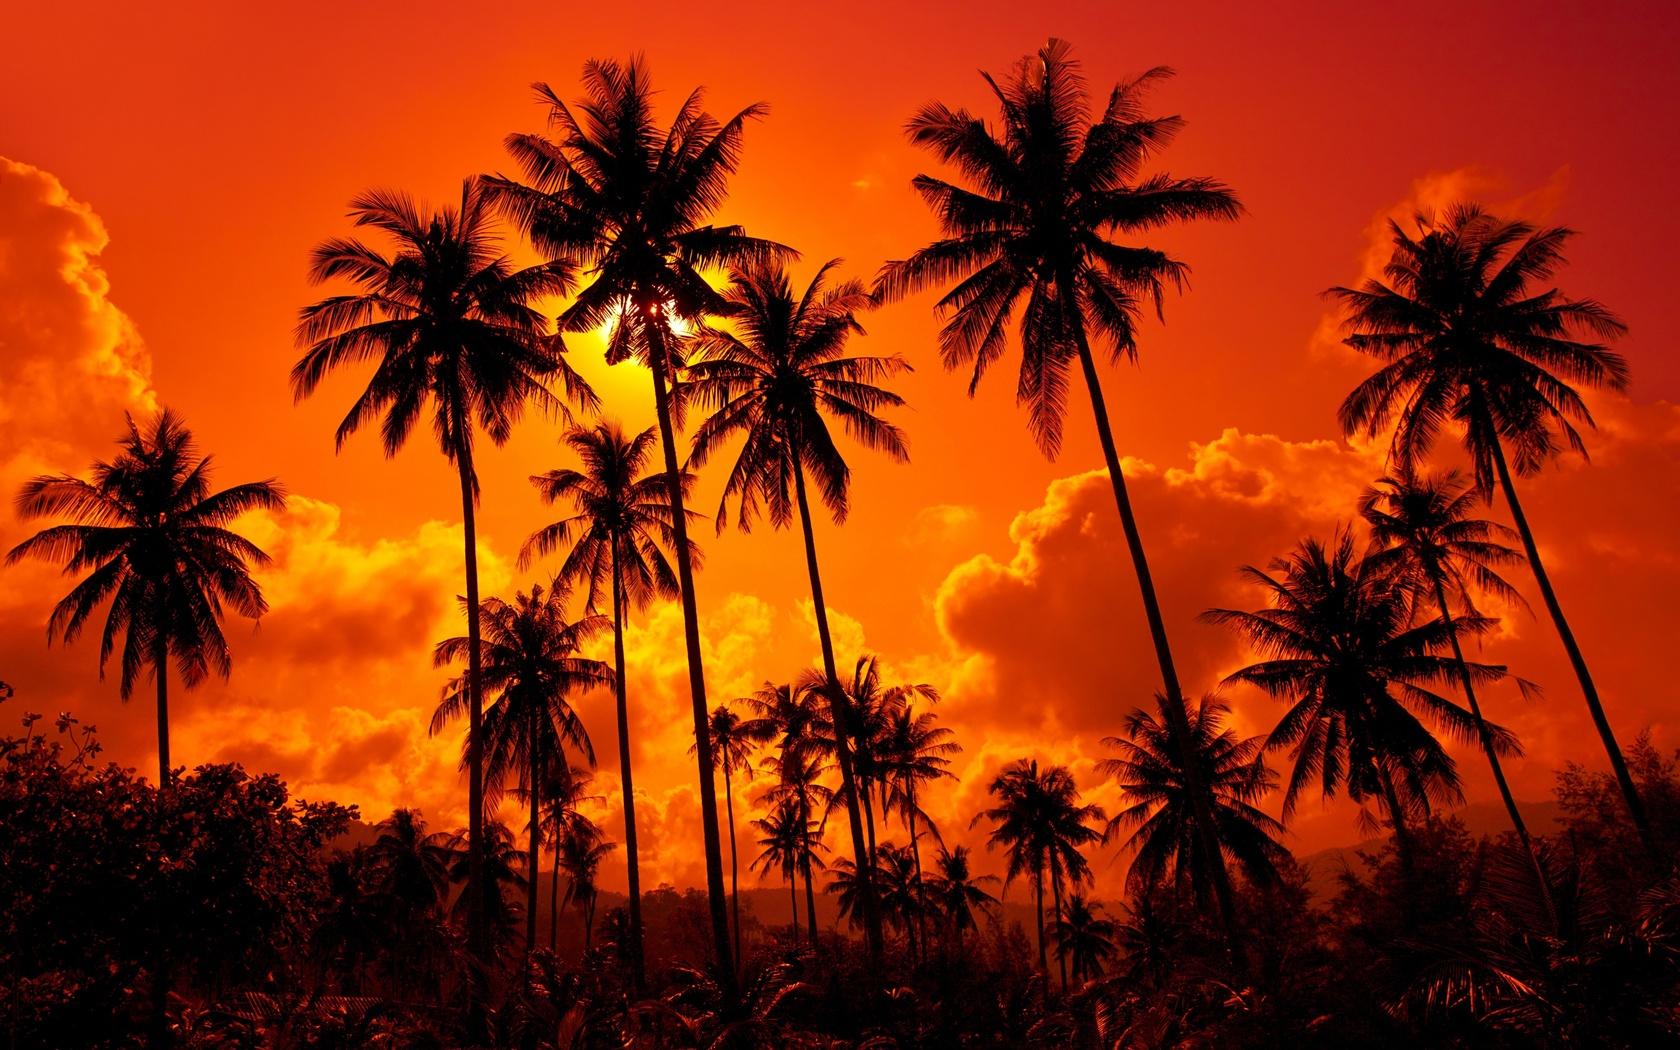 пальмы природа картинки сценарий миниатюры, которой